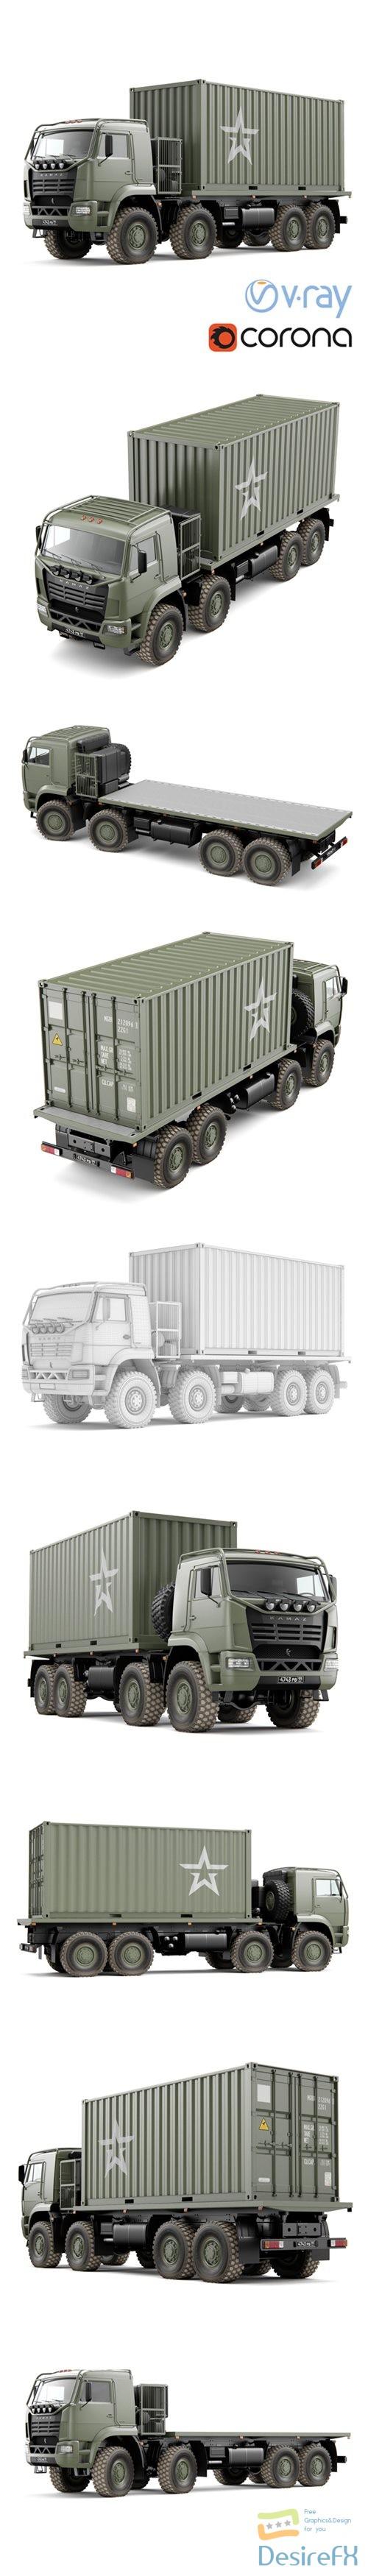 3d-models - Truck KAMAZ 6560 3D Model